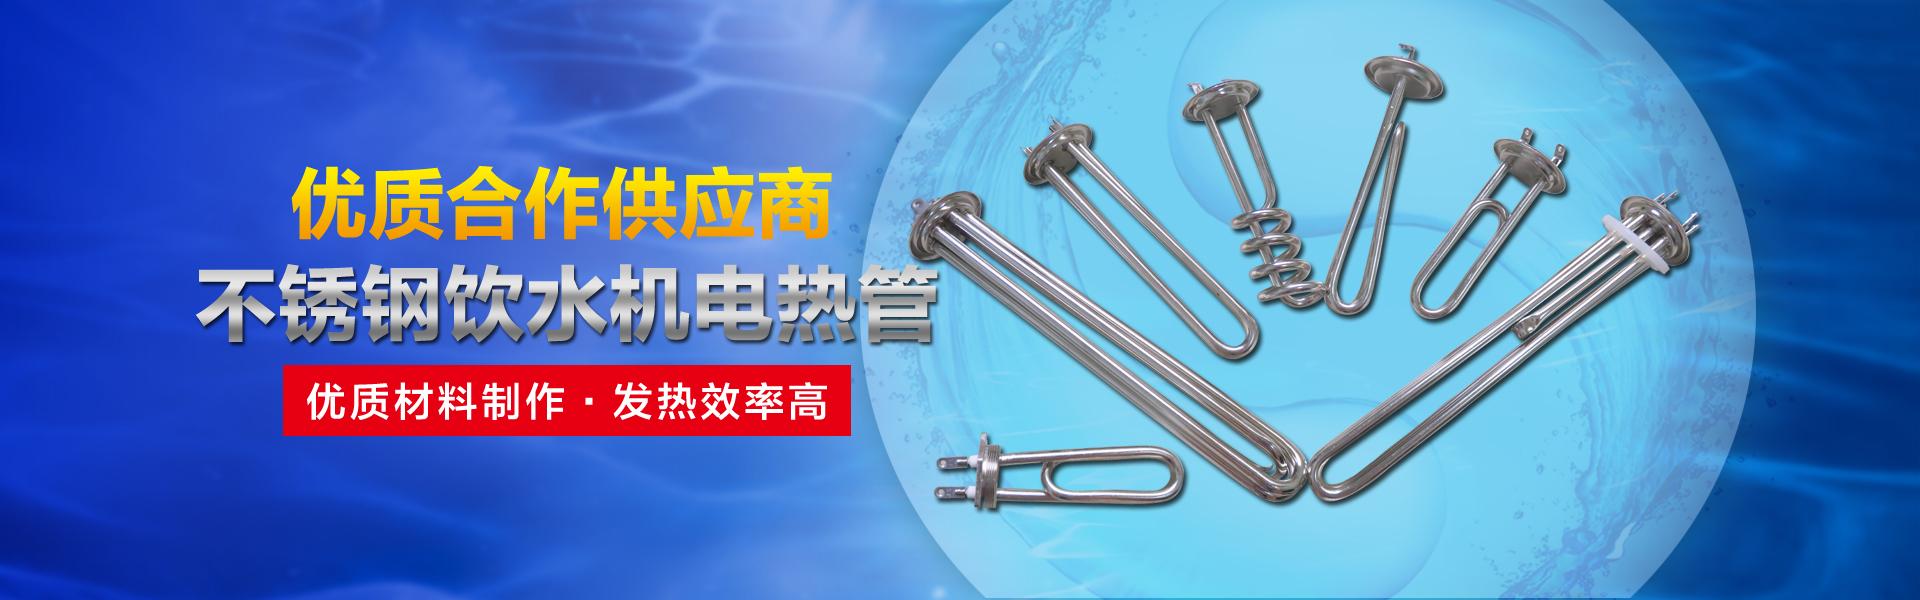 肇庆市高要金顺电器有限公司是国内知名品牌高端电热管供应商,专营加热管、电热管、开水器电热管、饮水机电热管、热水器加热管等产品。